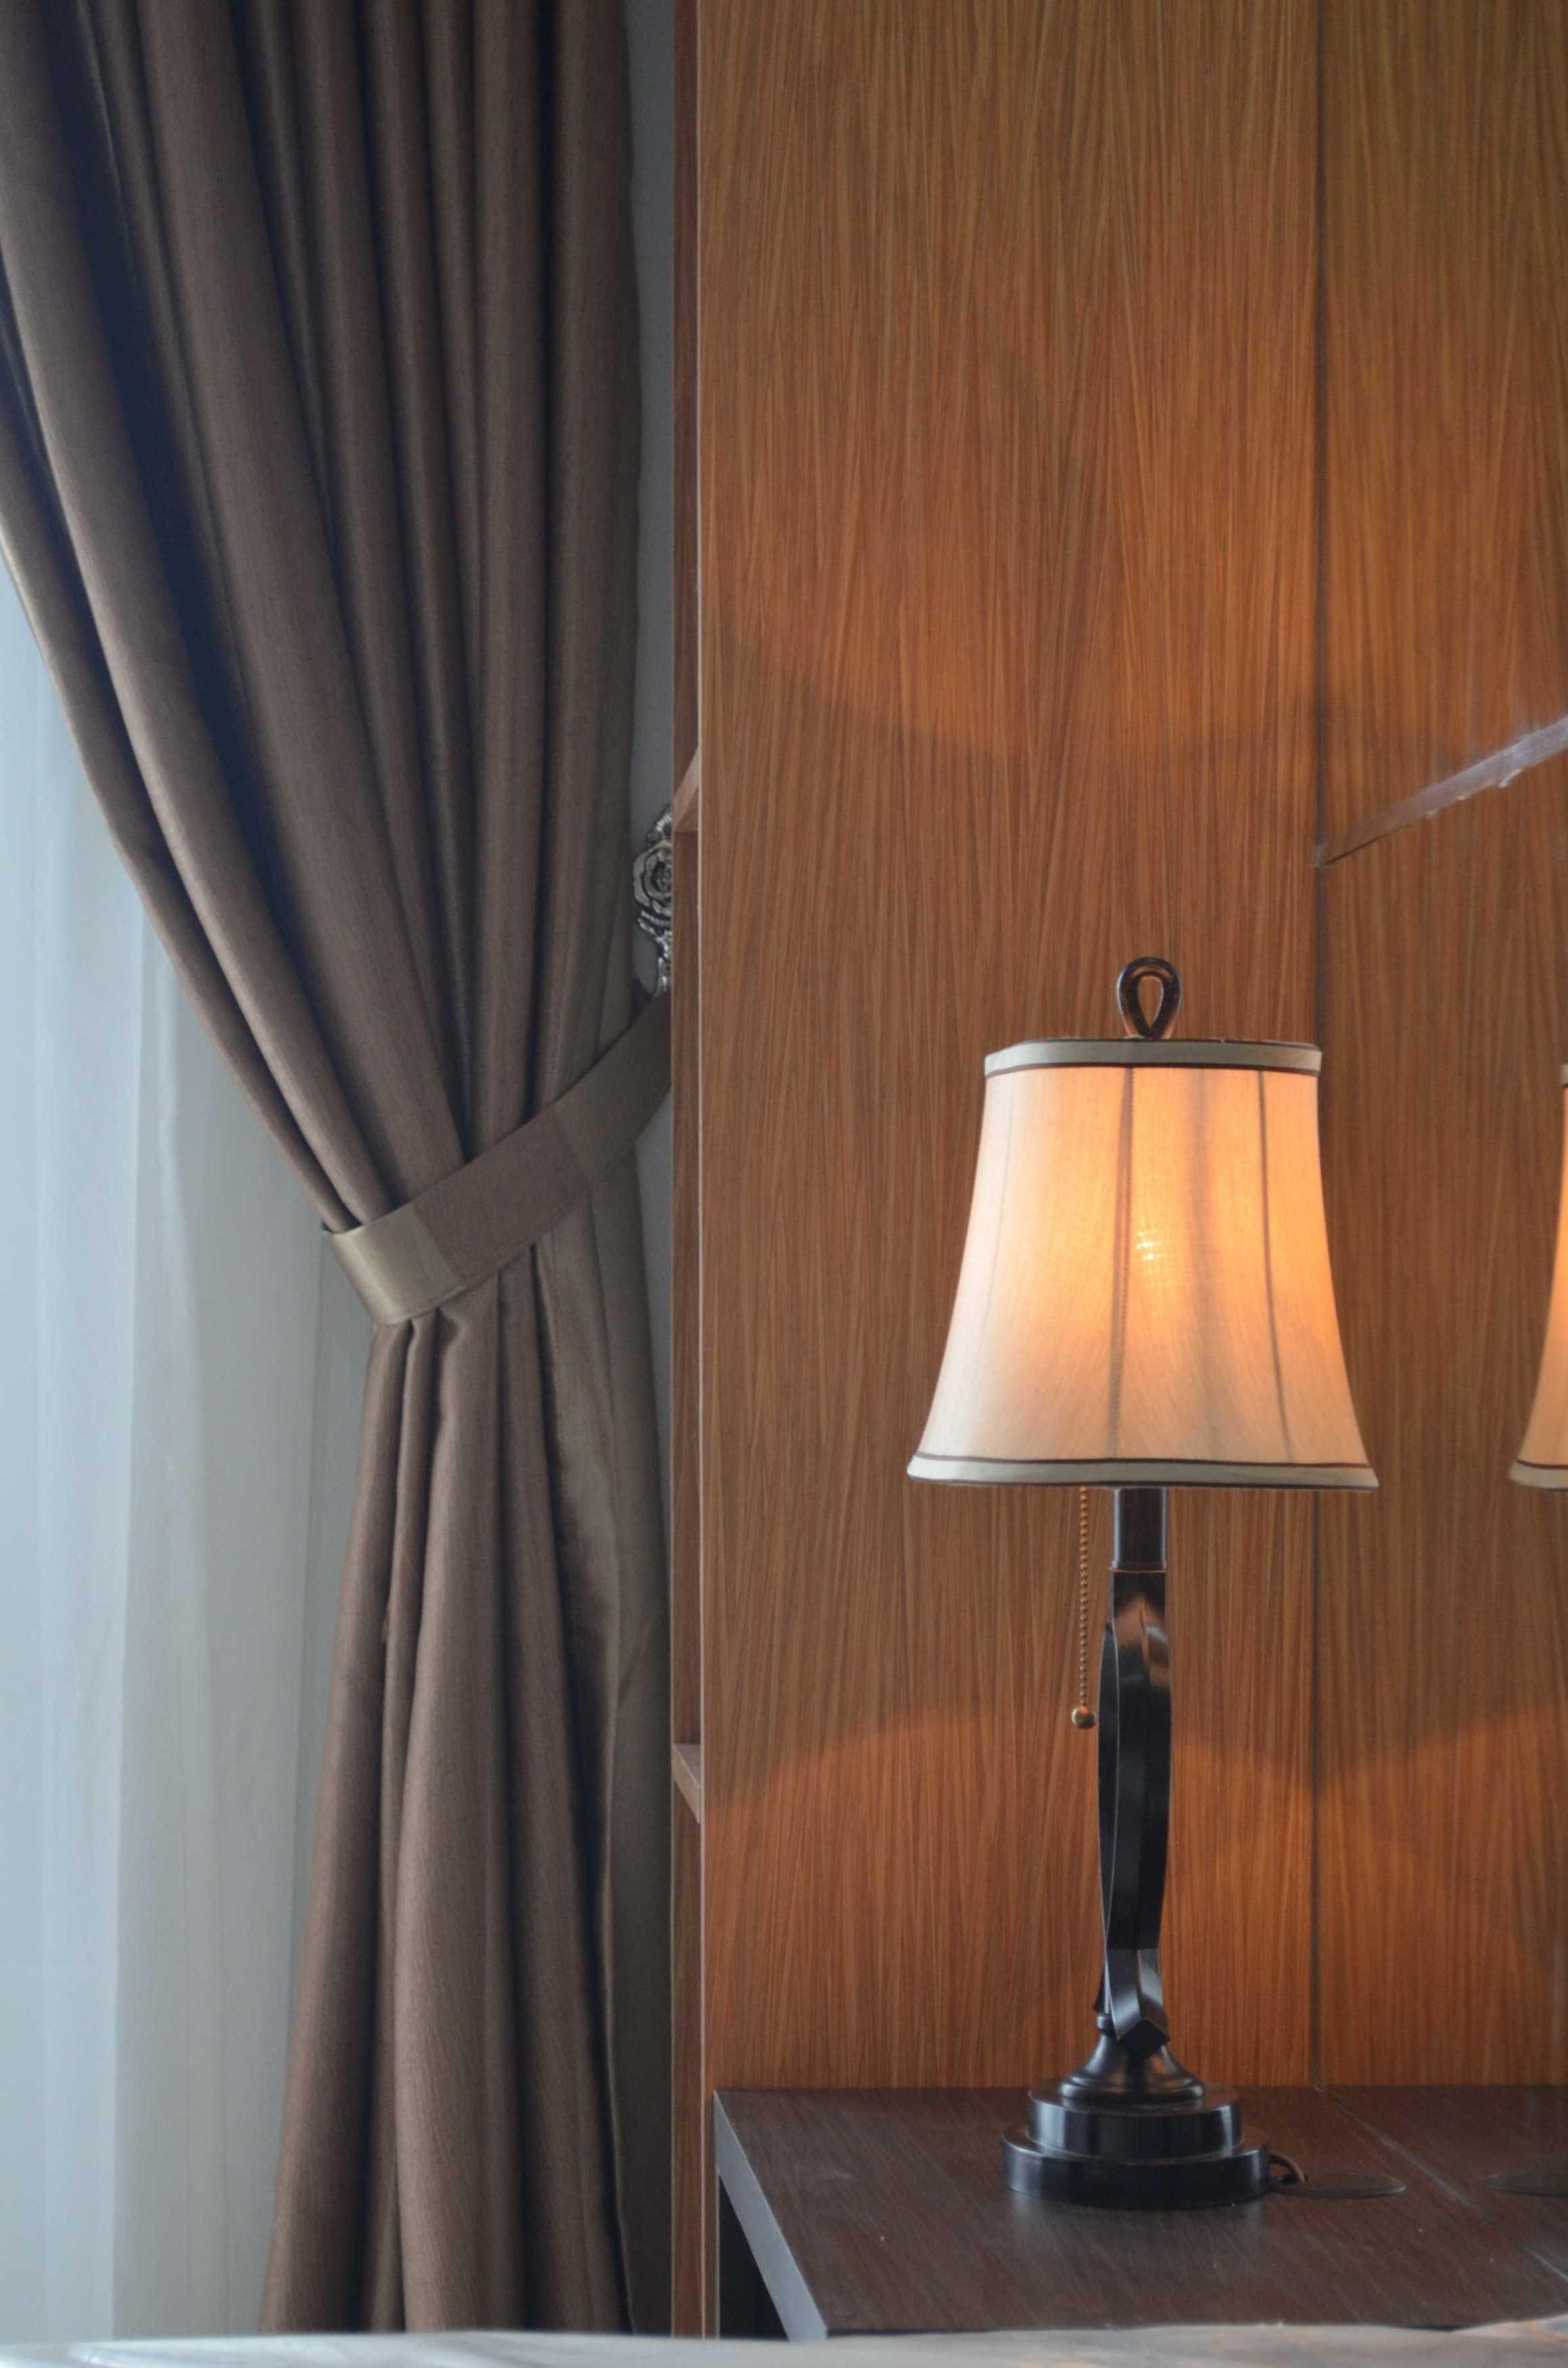 Limasaka Studio Interior Apartement At Ambassade Residence Jalan Denpasar Raya Kav. 5-7, Kuningan, Rt.16/rw.4, Karet Kuningan, Setia Budi, Kota Jakarta Selatan, Daerah Khusus Ibukota Jakarta 12950, Indonesia Jalan Denpasar Raya Kav. 5-7, Kuningan, Rt.16/rw.4, Karet Kuningan, Setia Budi, Kota Jakarta Selatan, Daerah Khusus Ibukota Jakarta 12950, Indonesia Dsc0061 Modern  36456